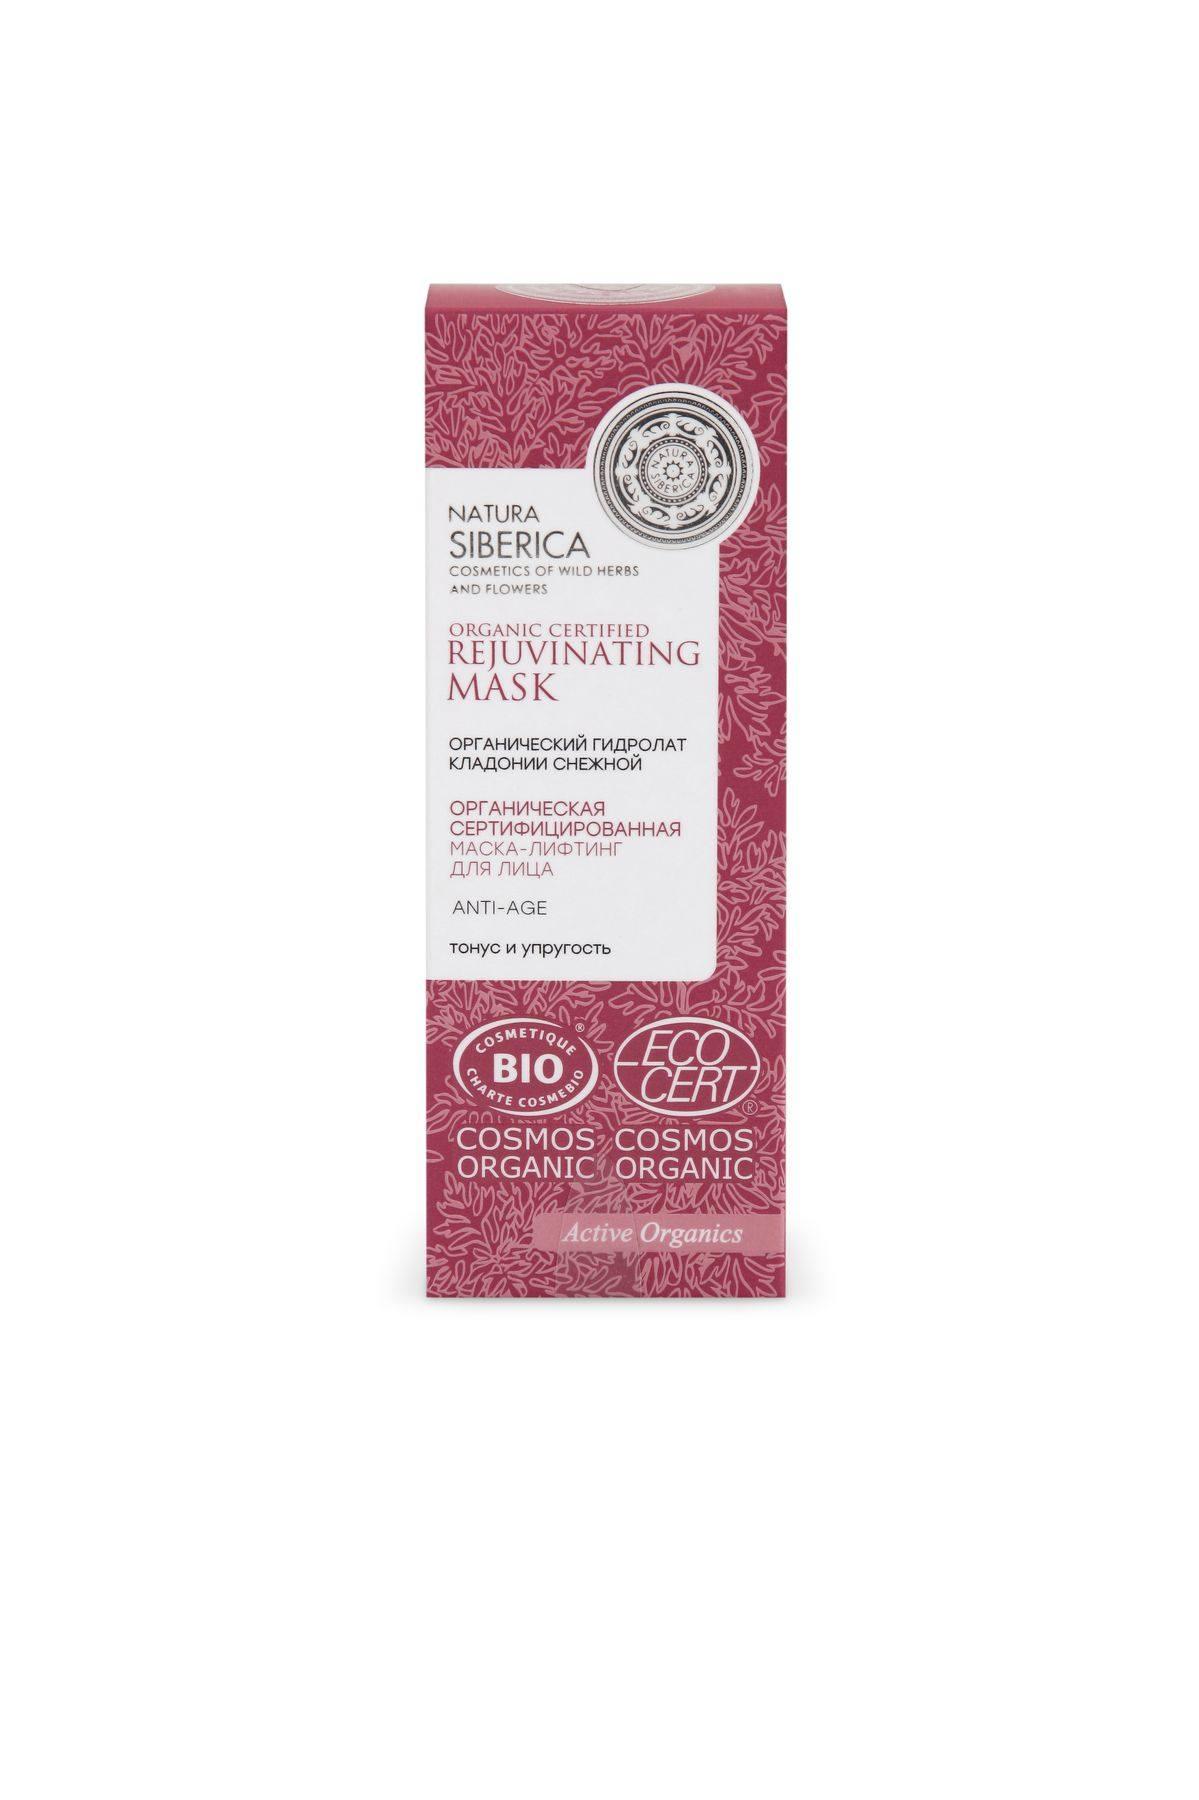 Купить Natura Siberica Cosmos Органическая сертифицированная маска-лифтинг для лица anti-age , 75 мл (shop: Organic-shops Organic shops)